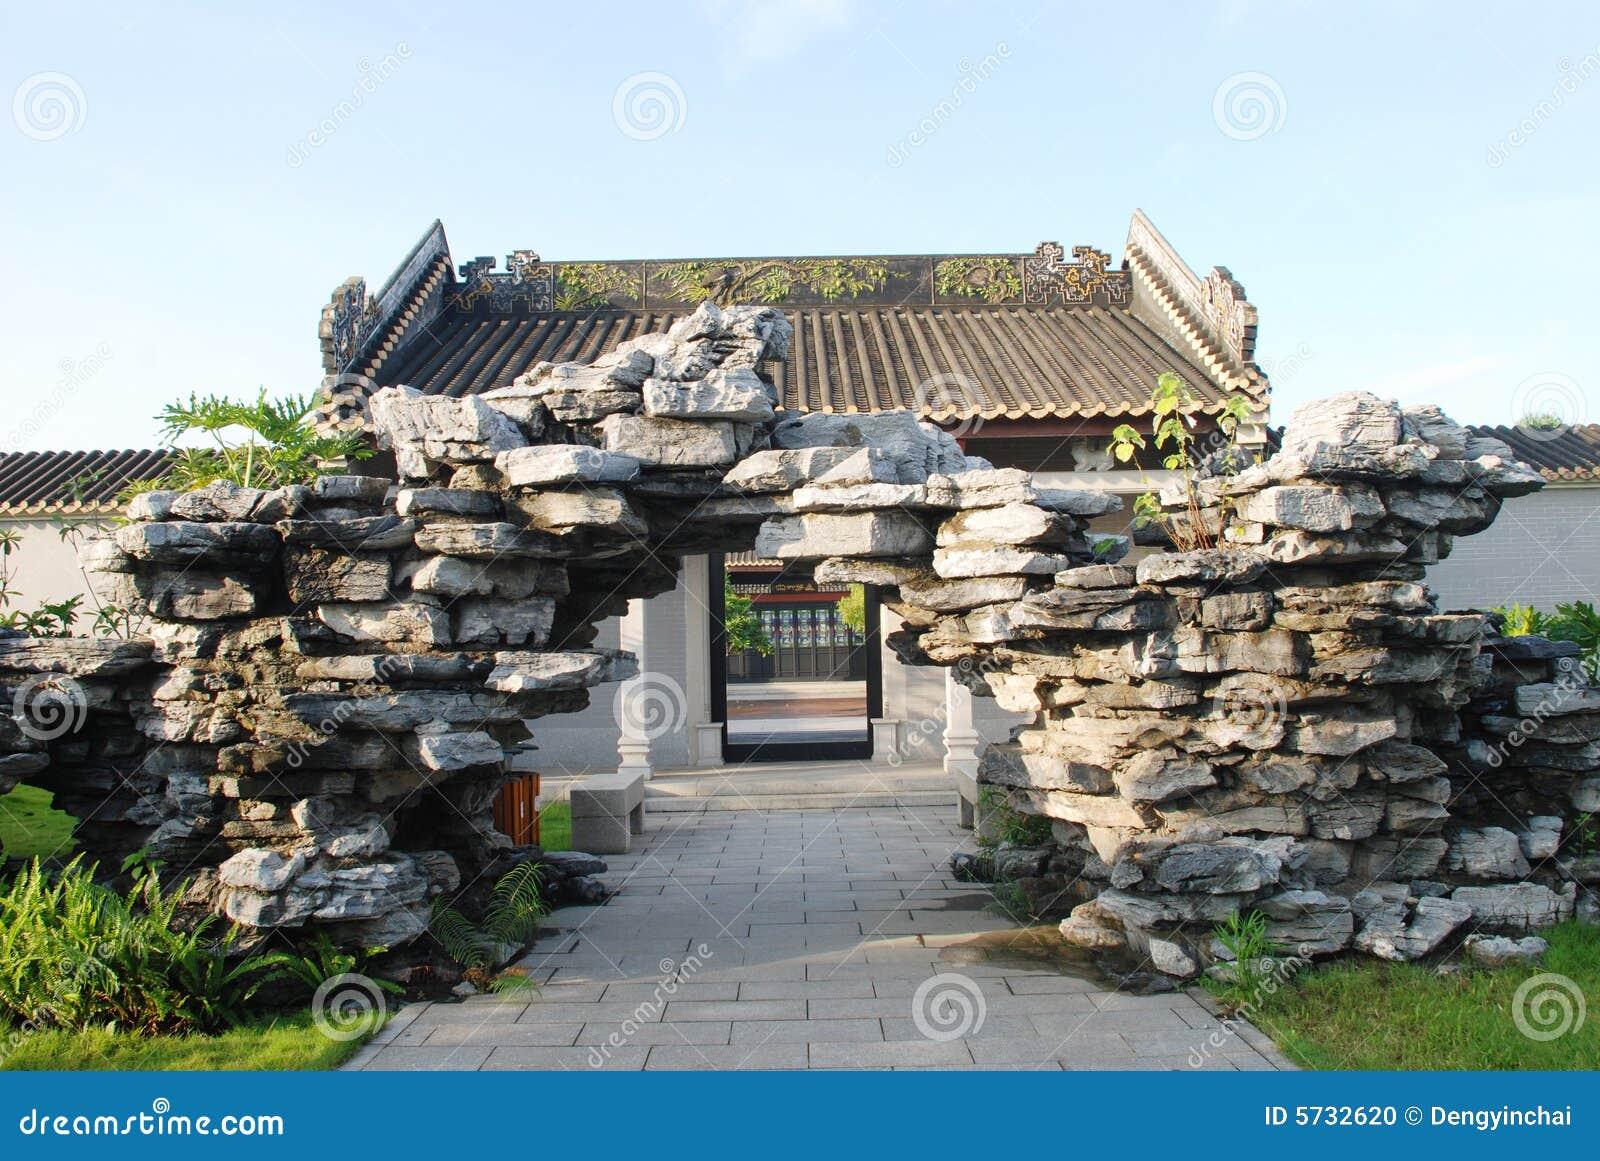 Le jardin de rocaille dans le jardin antique photo stock for Dans le jardin